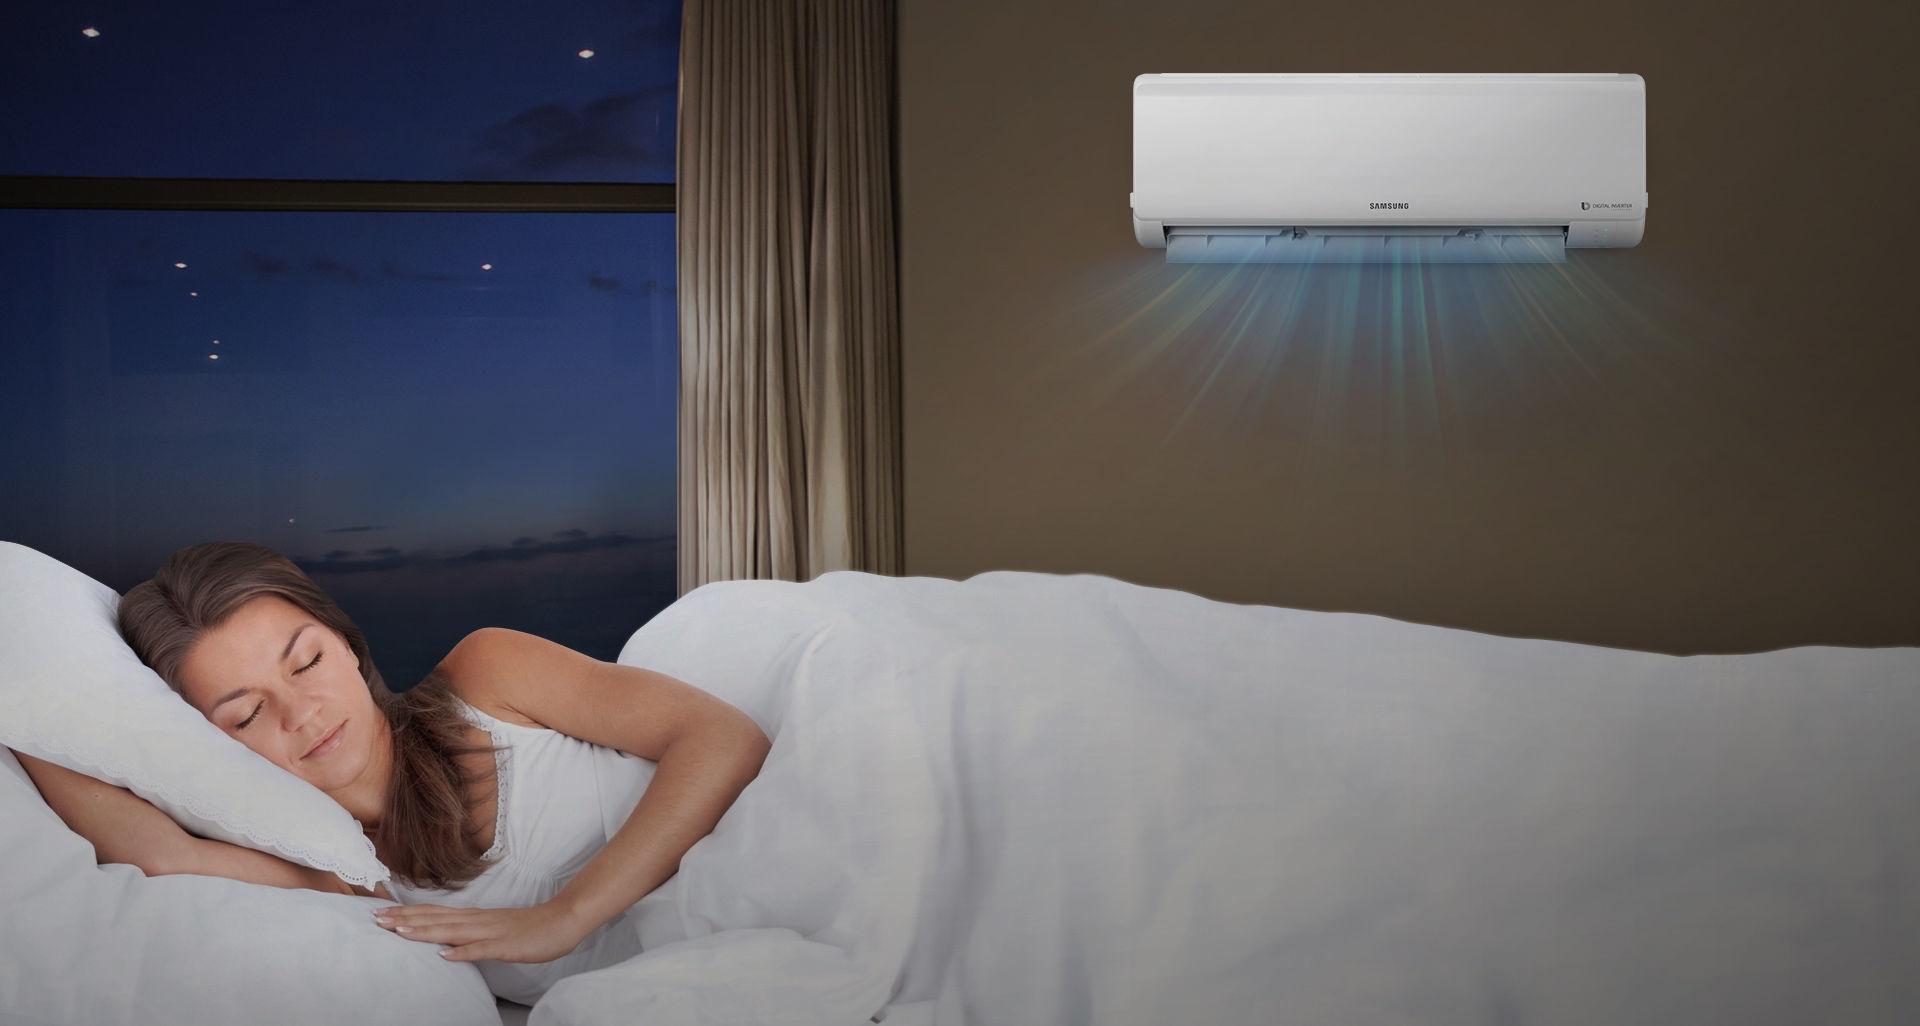 Profitez d'une bonne nuit de sommeil